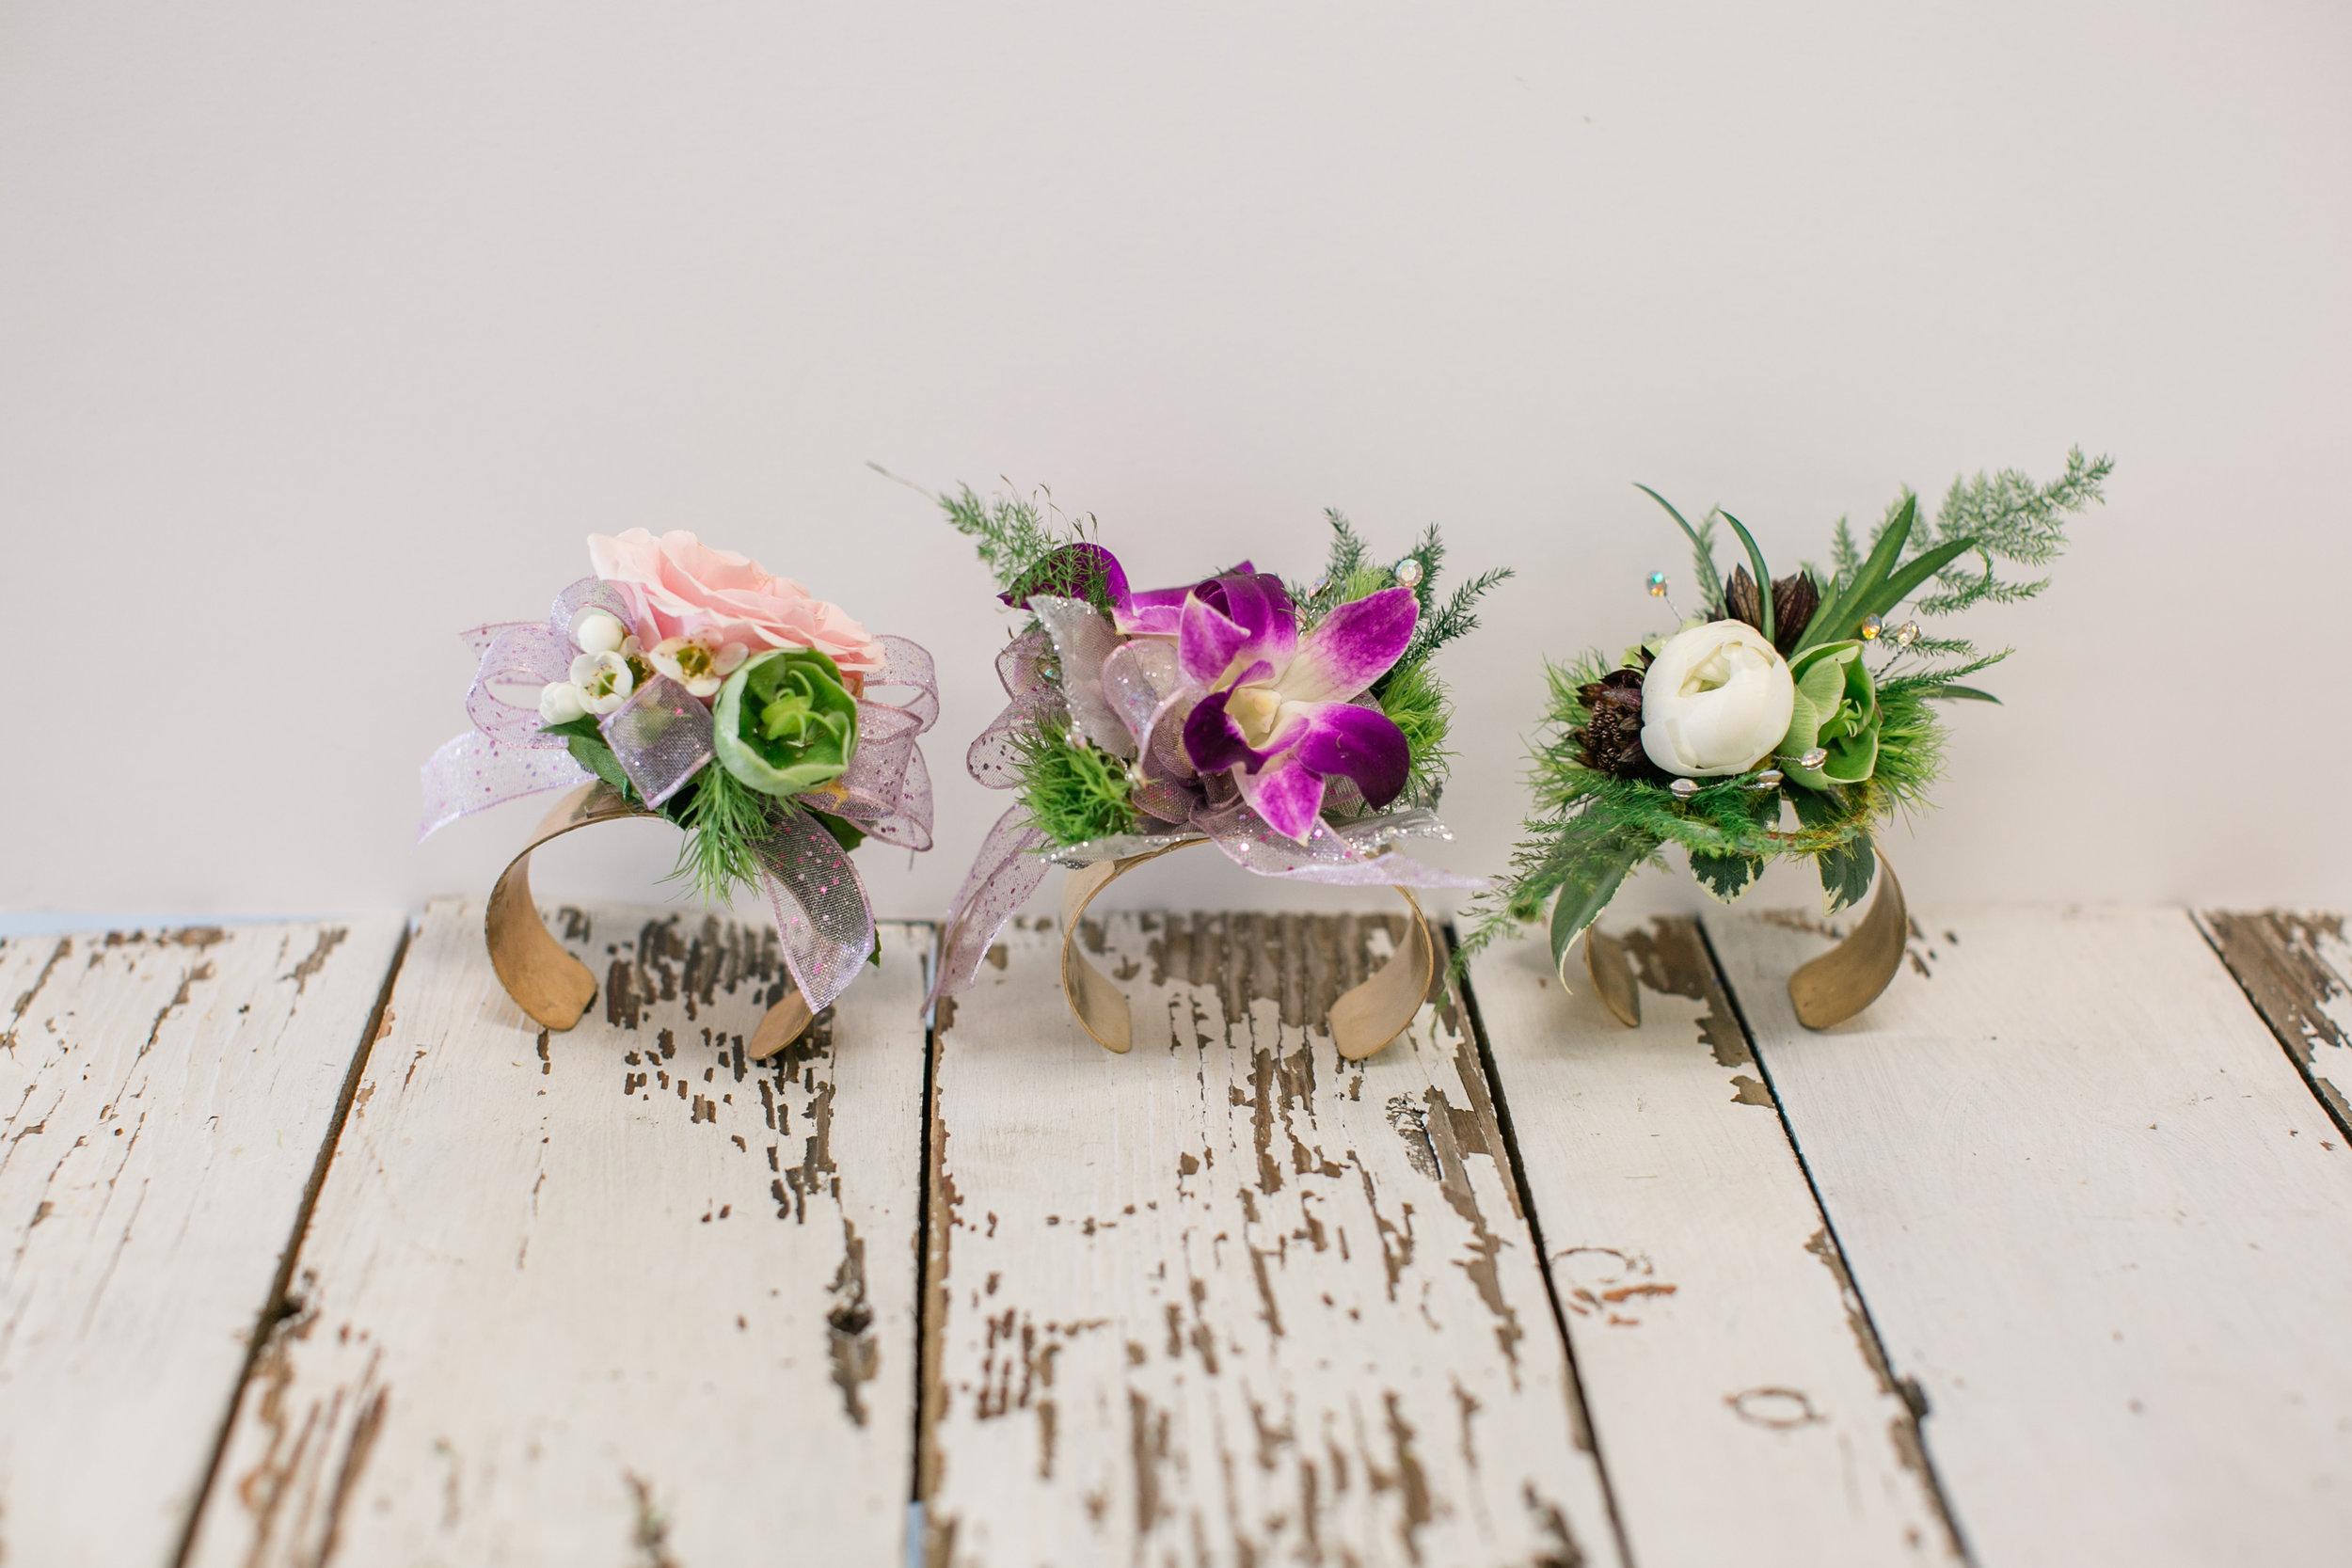 LAV-BLUE-des-moines-prom-flowers-19.jpg